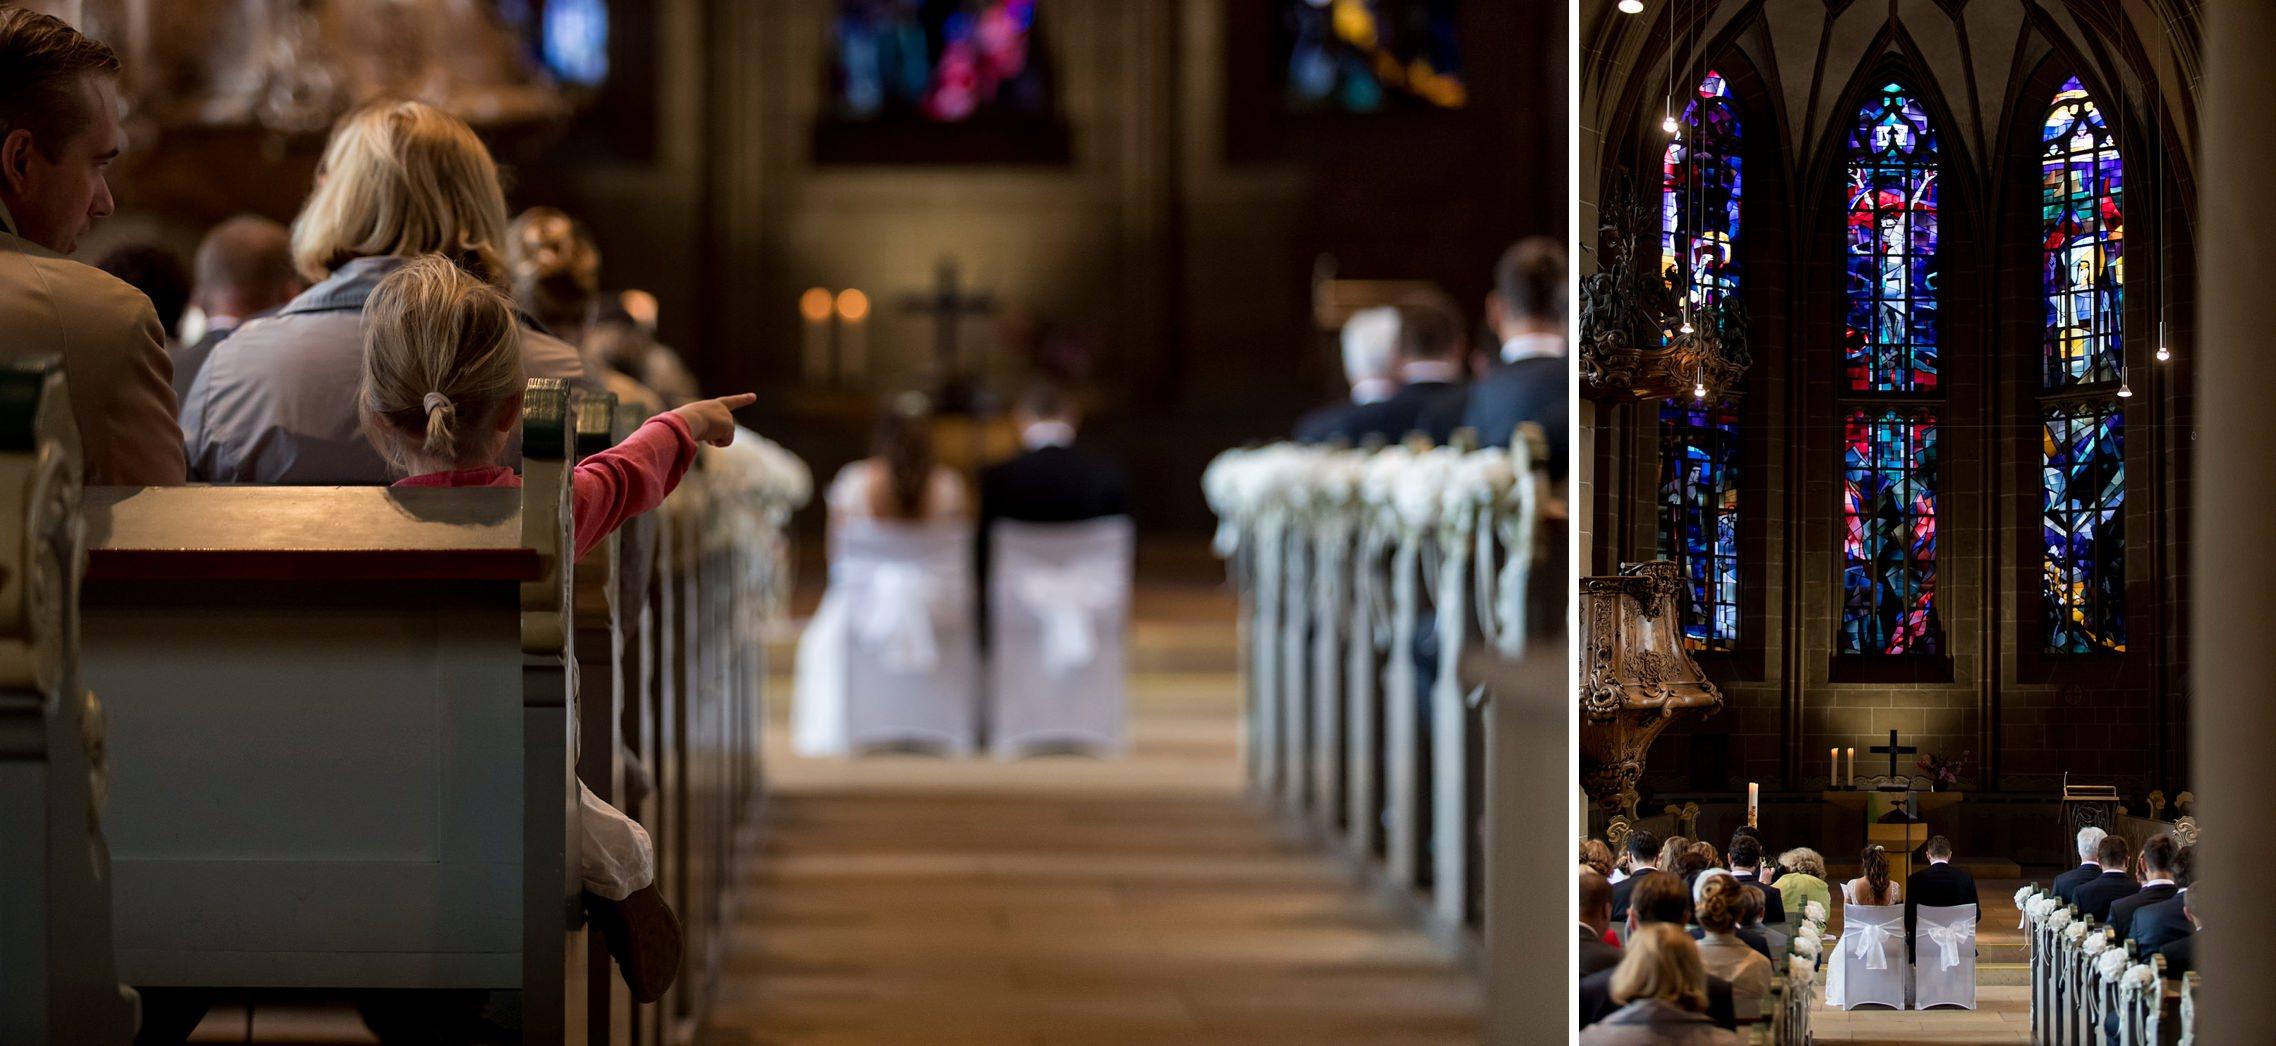 Ein Kind zeigt während des Traugottesdienstes auf das Brautpaar, welches vor großen Buntglasfenstern in der Schlosskirche in Meisenheim sitzt.